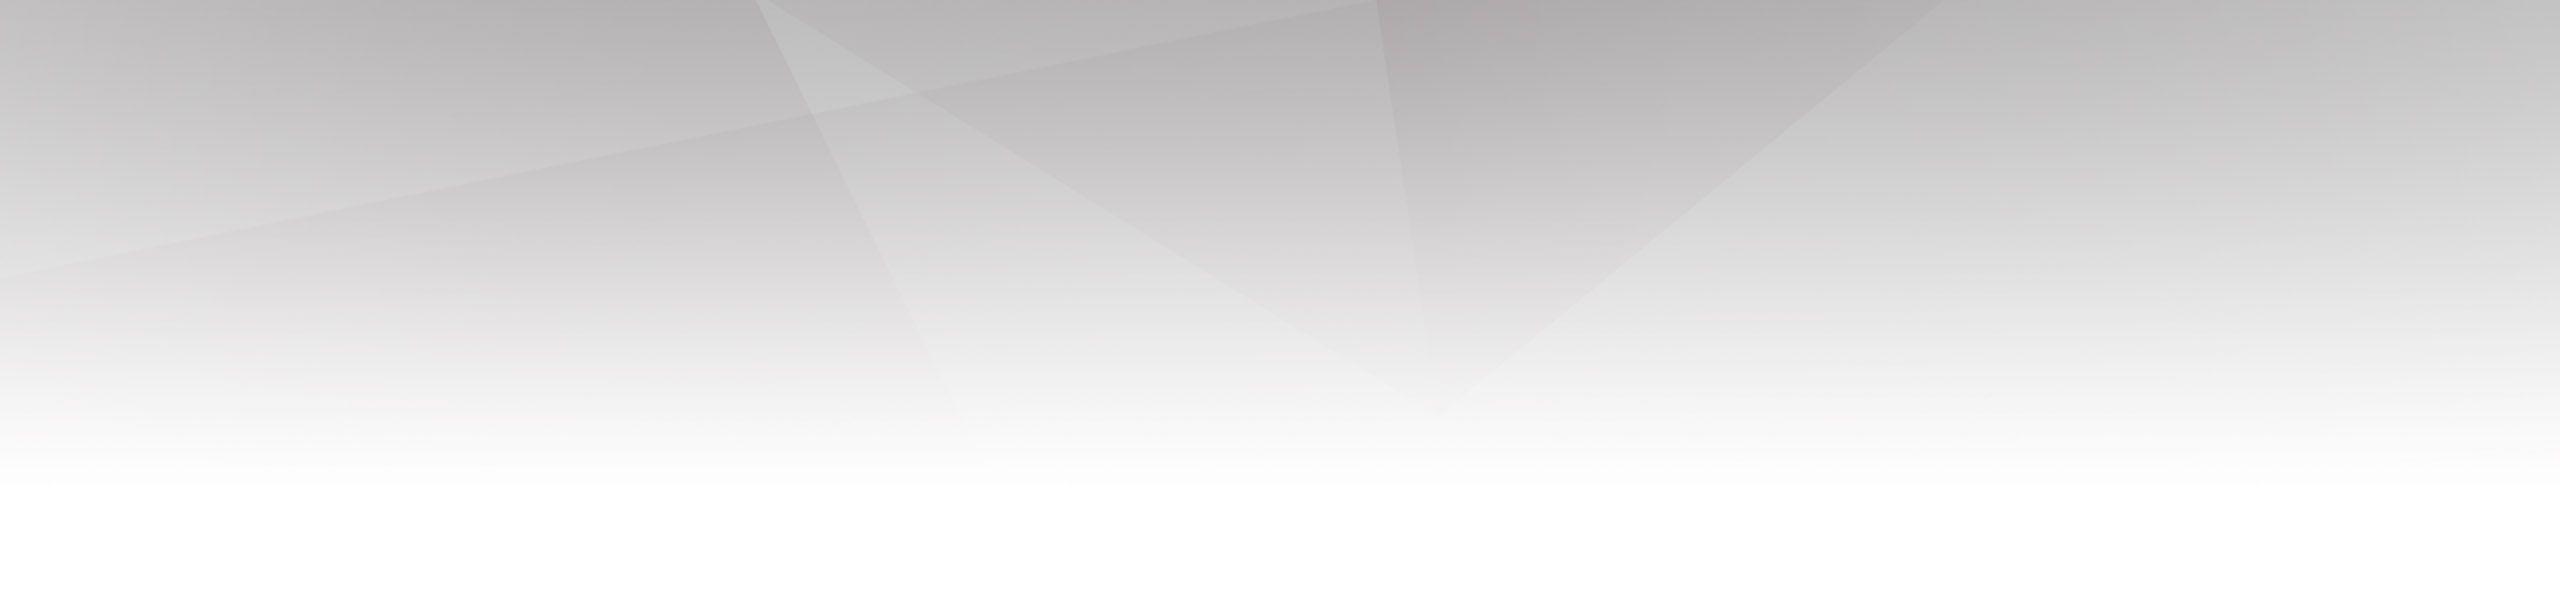 Banner-degradado-gris-3-1